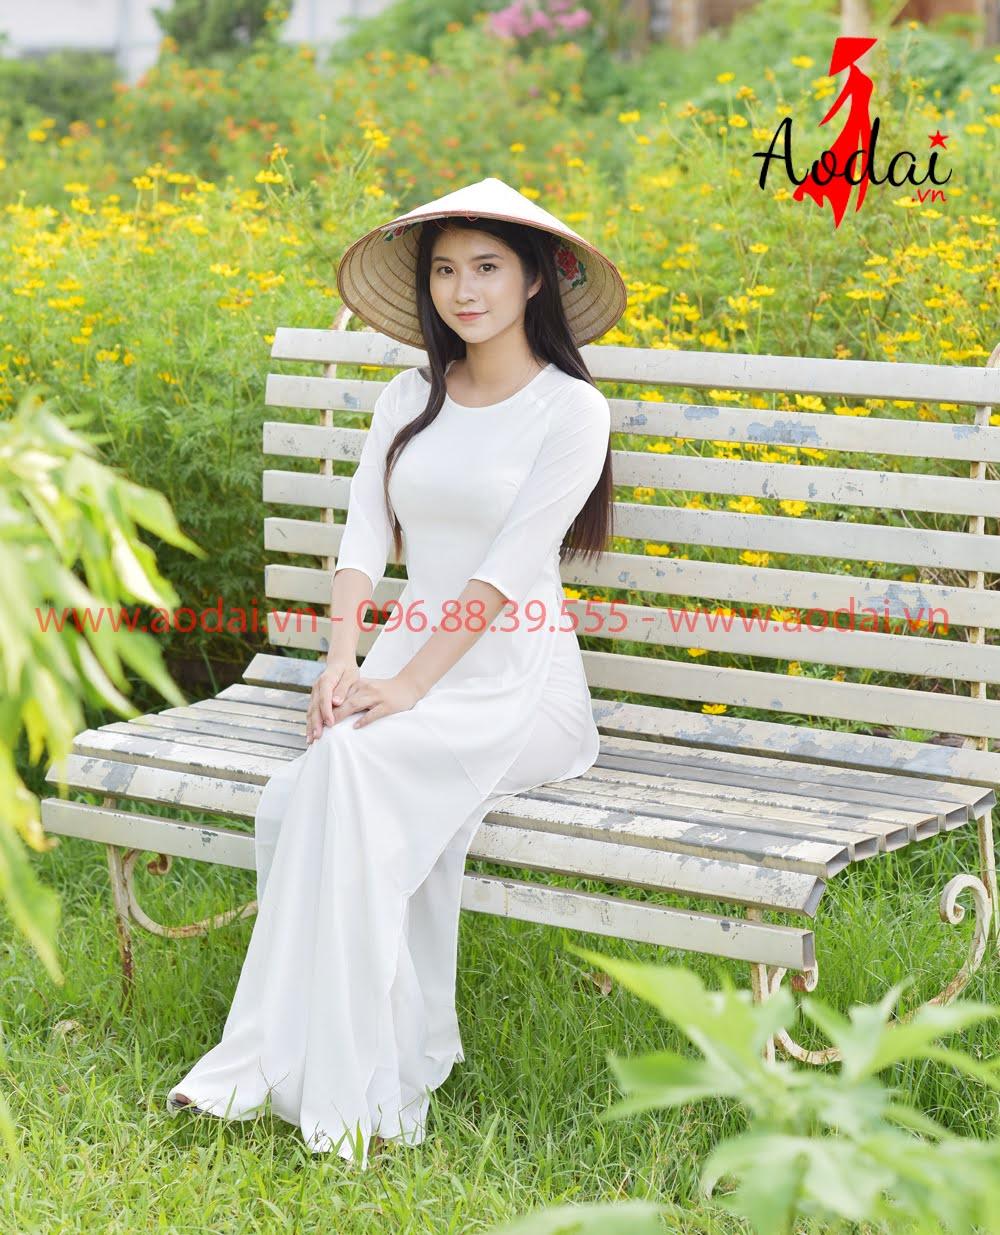 May áo dài tại Thanh Oai